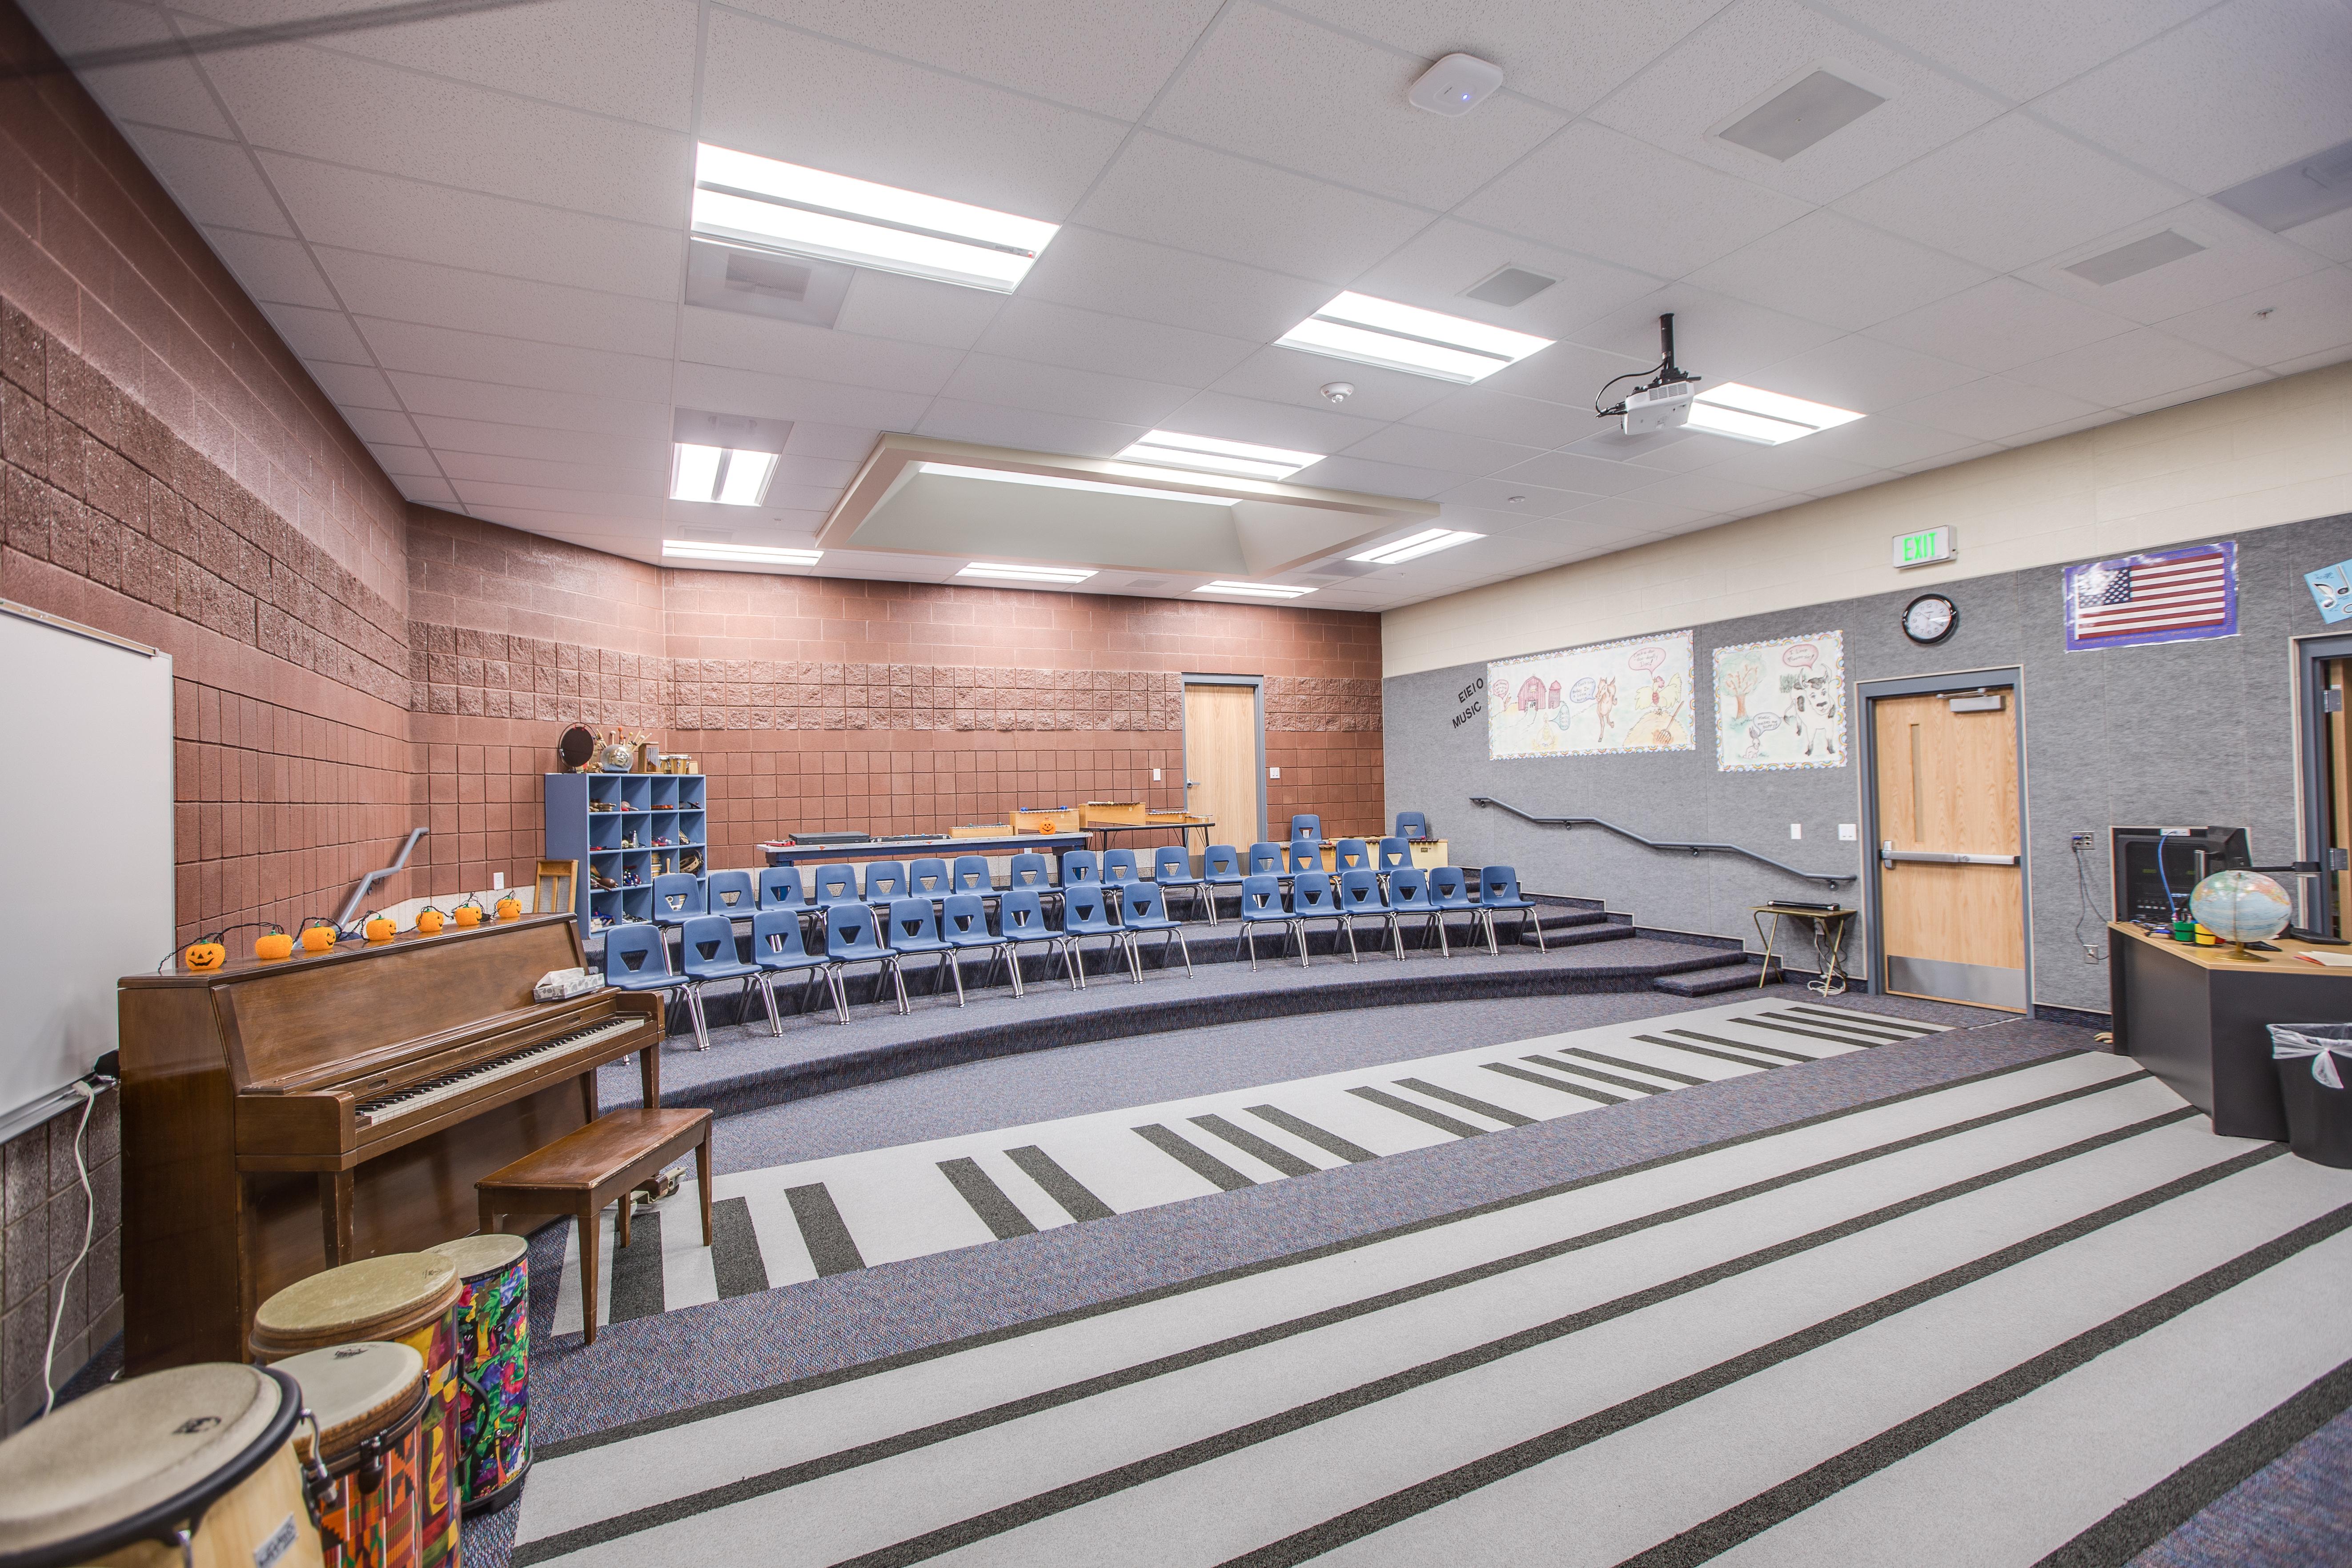 Lewiston Elementary School Music Room - Lewiston, UT